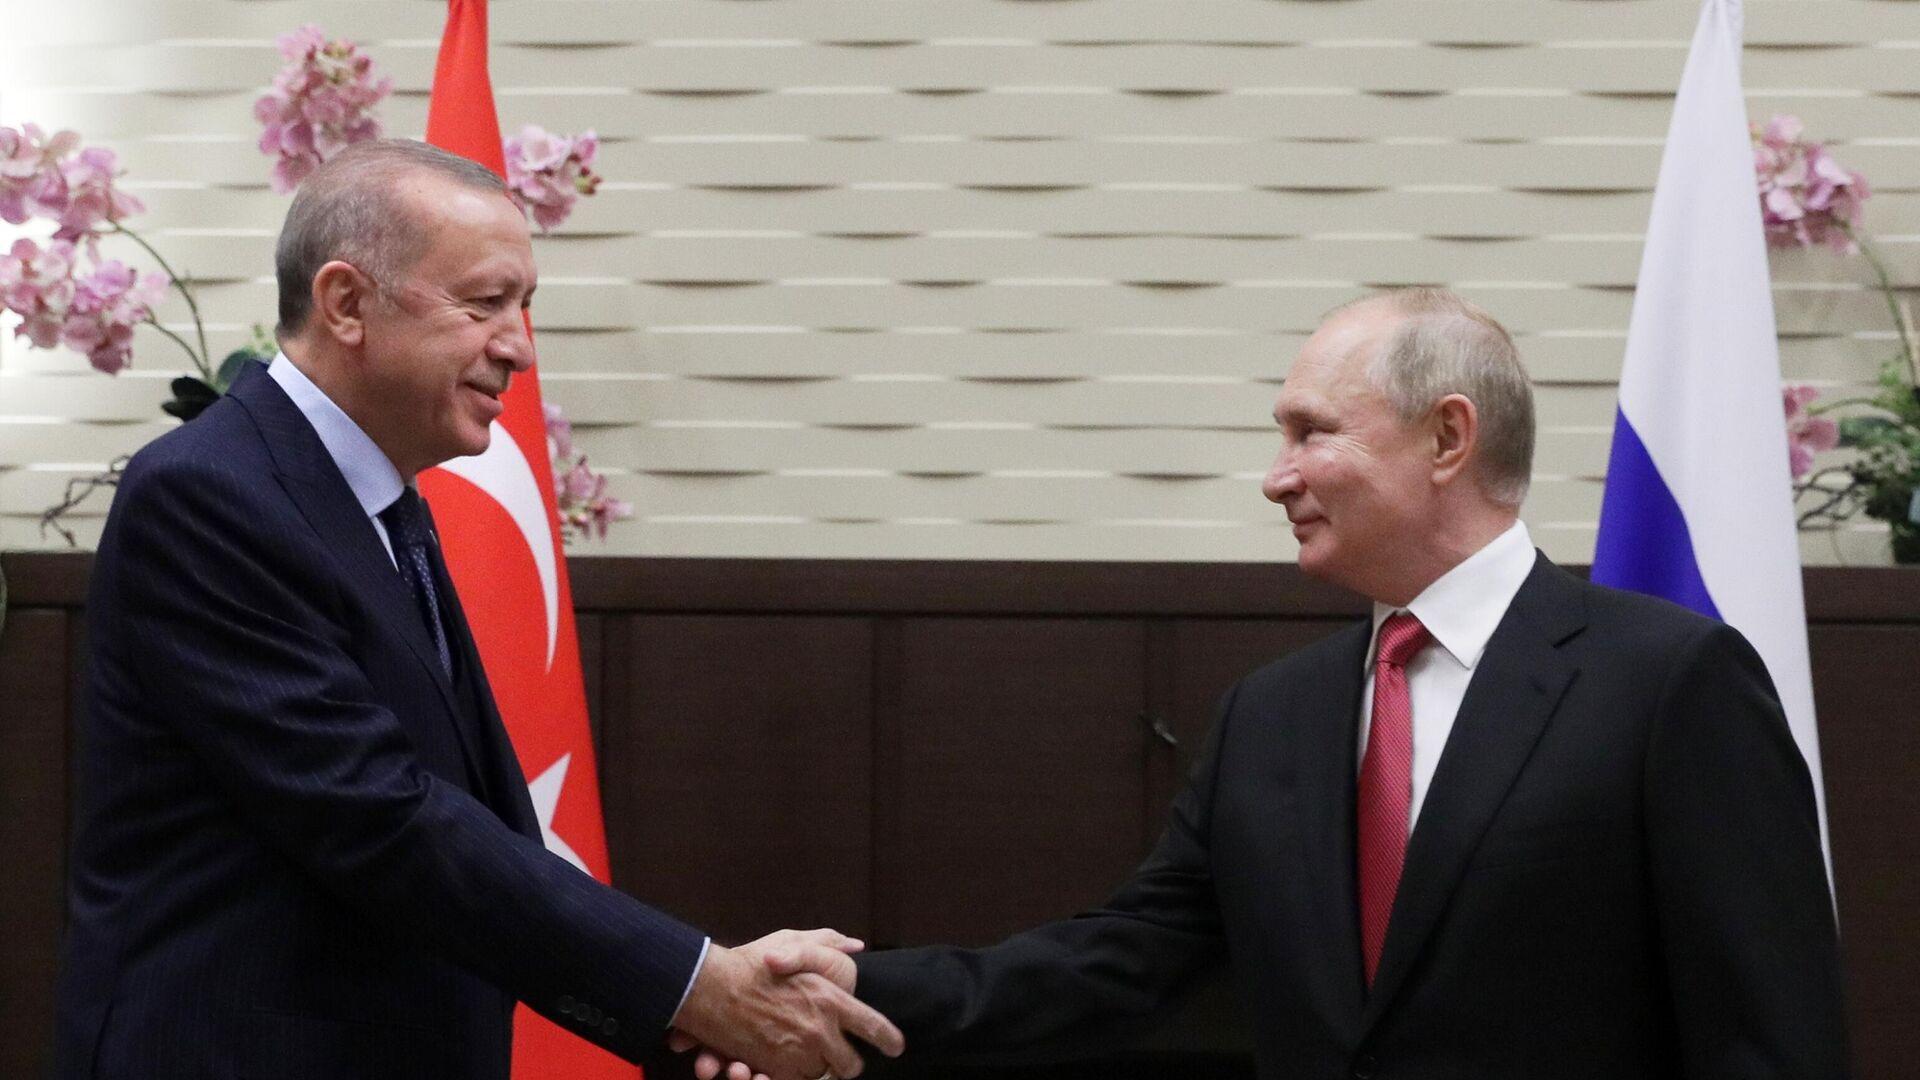 Συνάντηση Πούτιν - Ερντογάν - Sputnik Ελλάδα, 1920, 30.09.2021